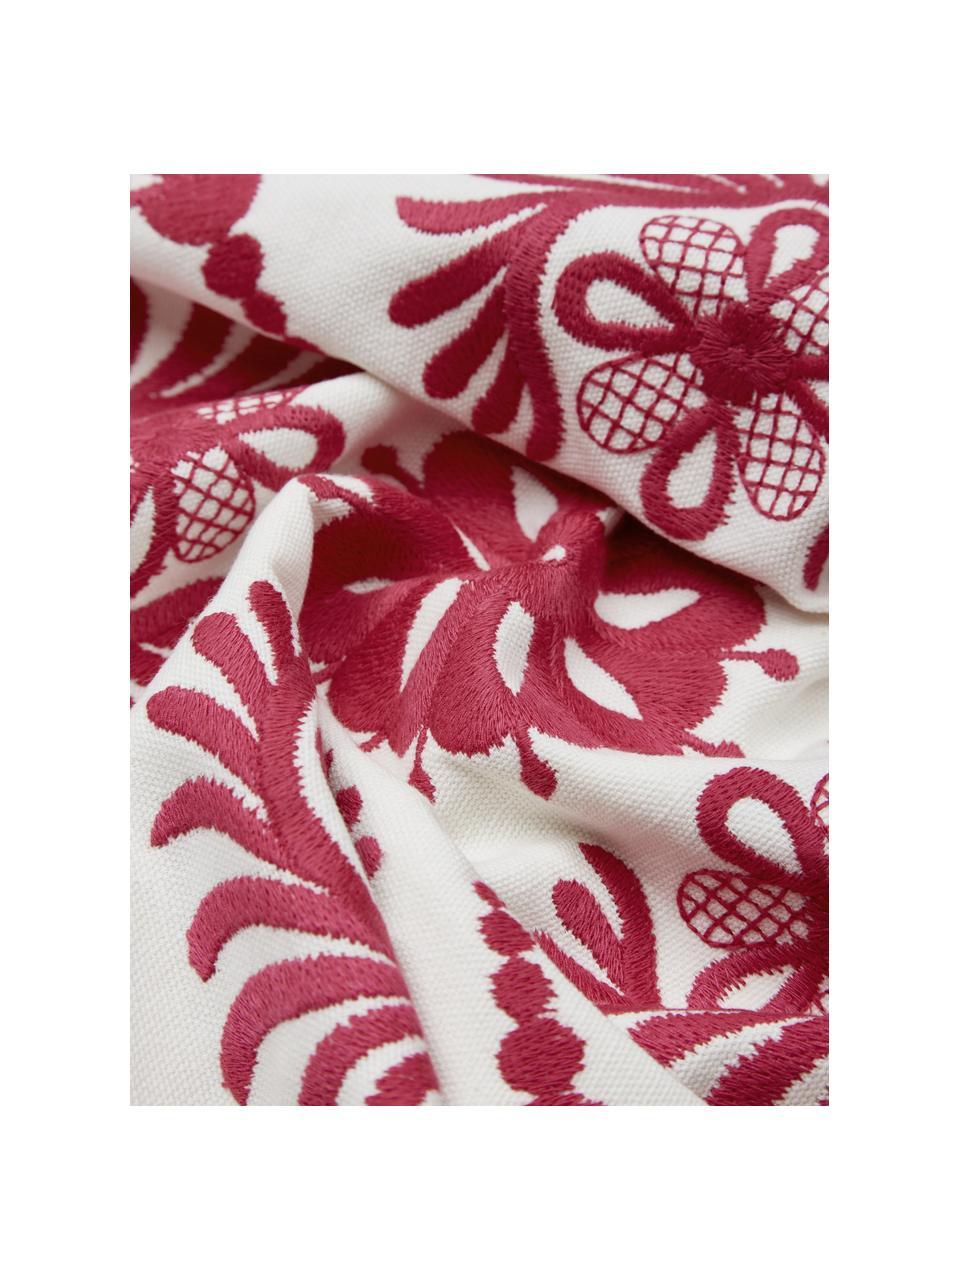 Kissenhülle Folk mit Stickerei, 100% Baumwolle, Rosa,Weiß, 45 x 45 cm